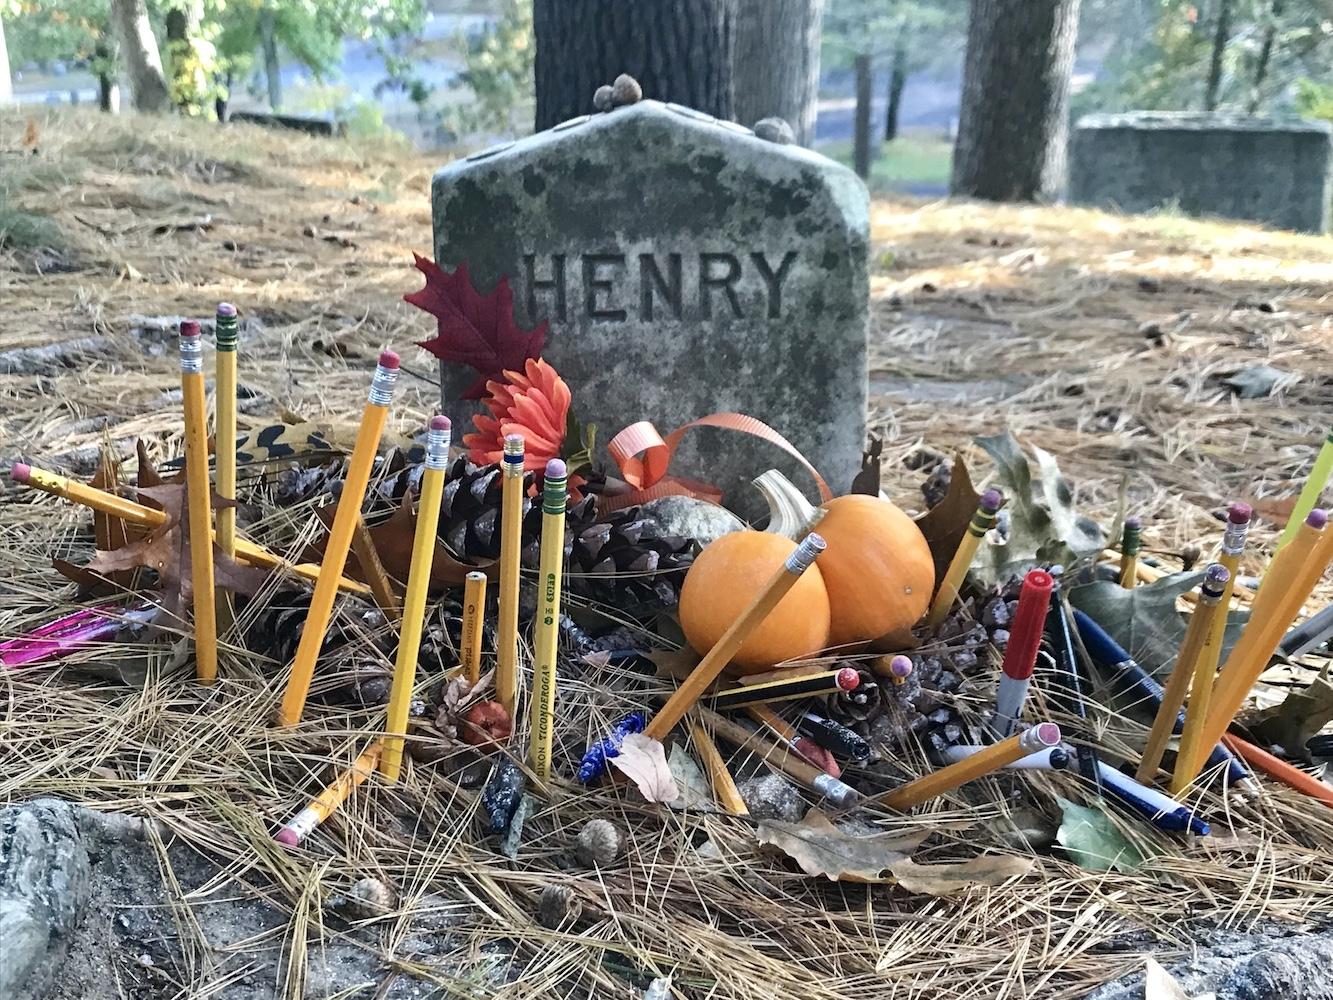 Thoreau's Grave Marker